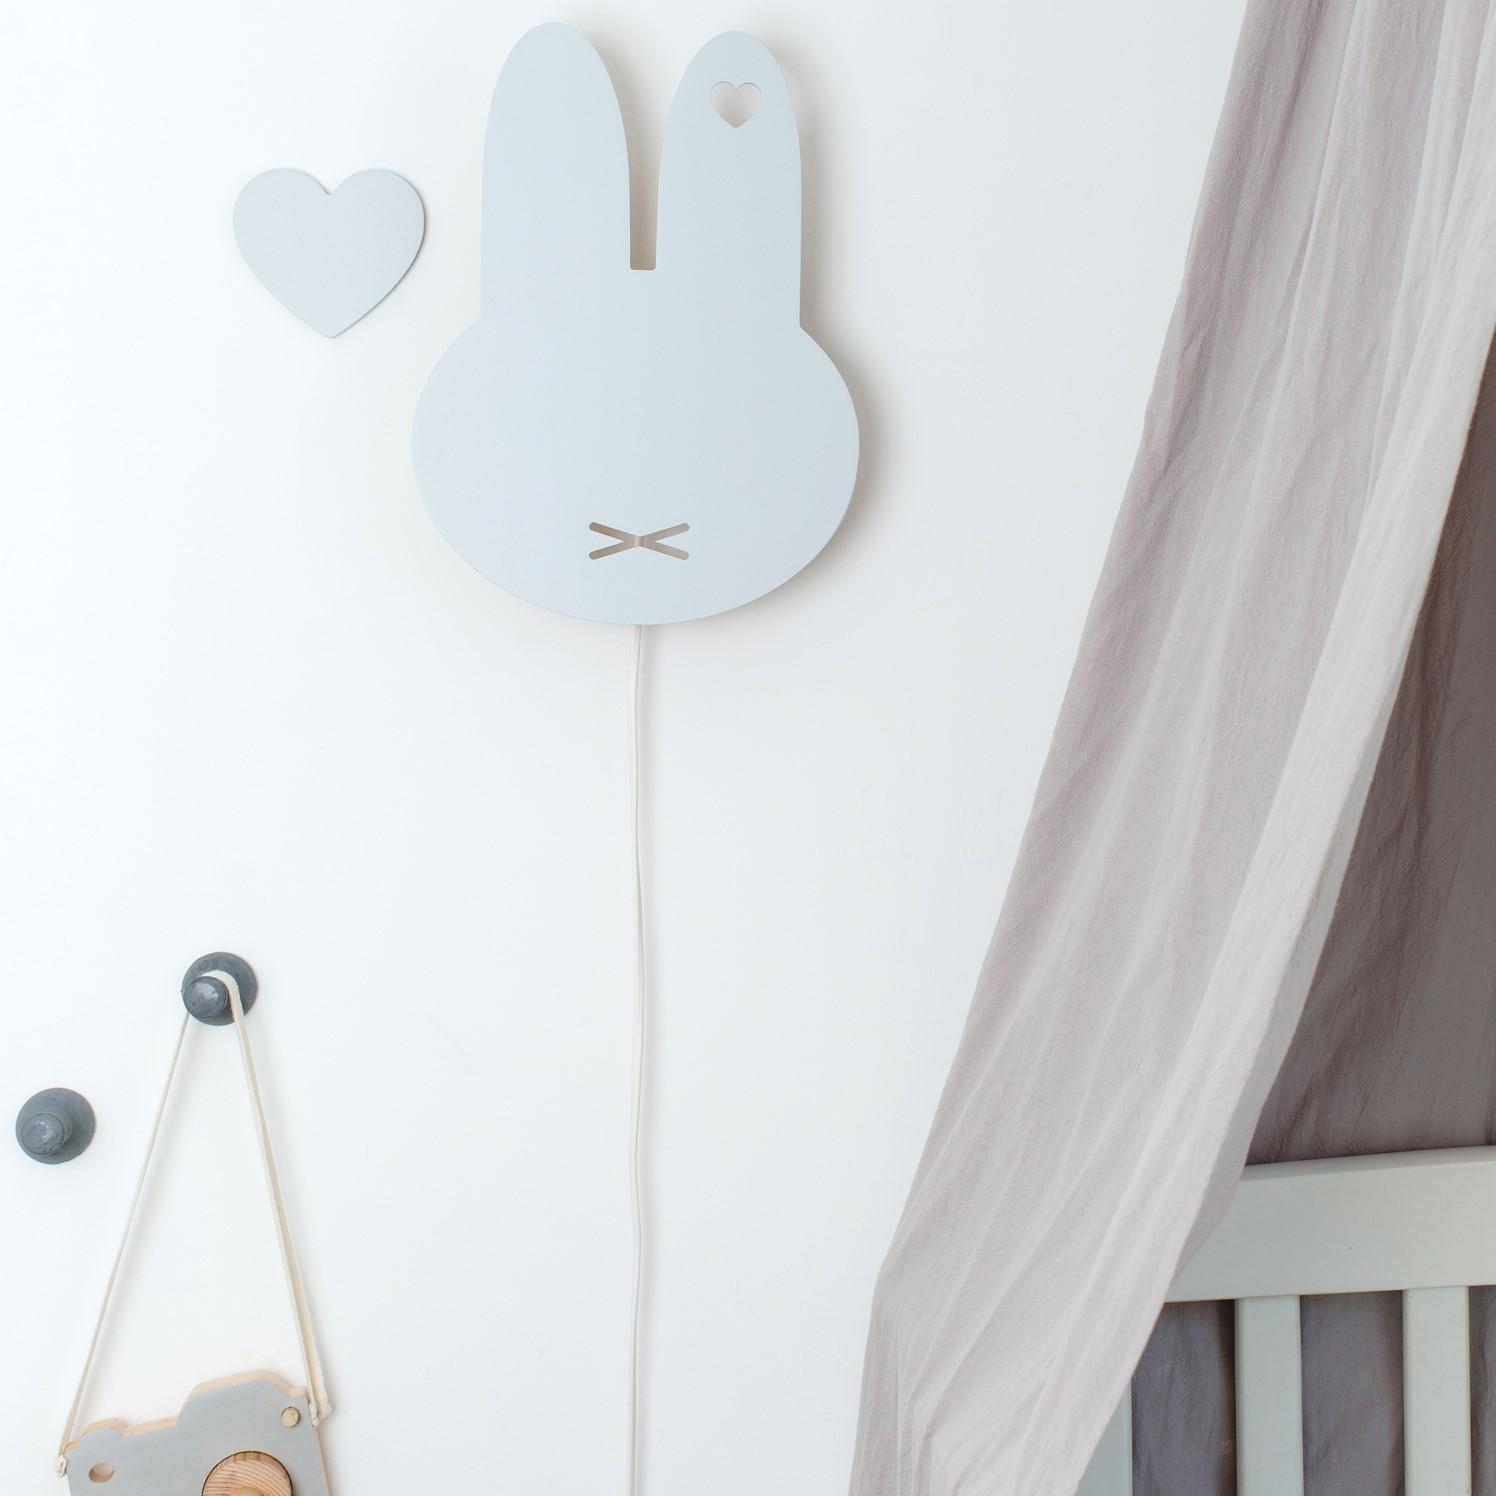 מנורת לילה צמודת קיר ארנב מיפי אפור